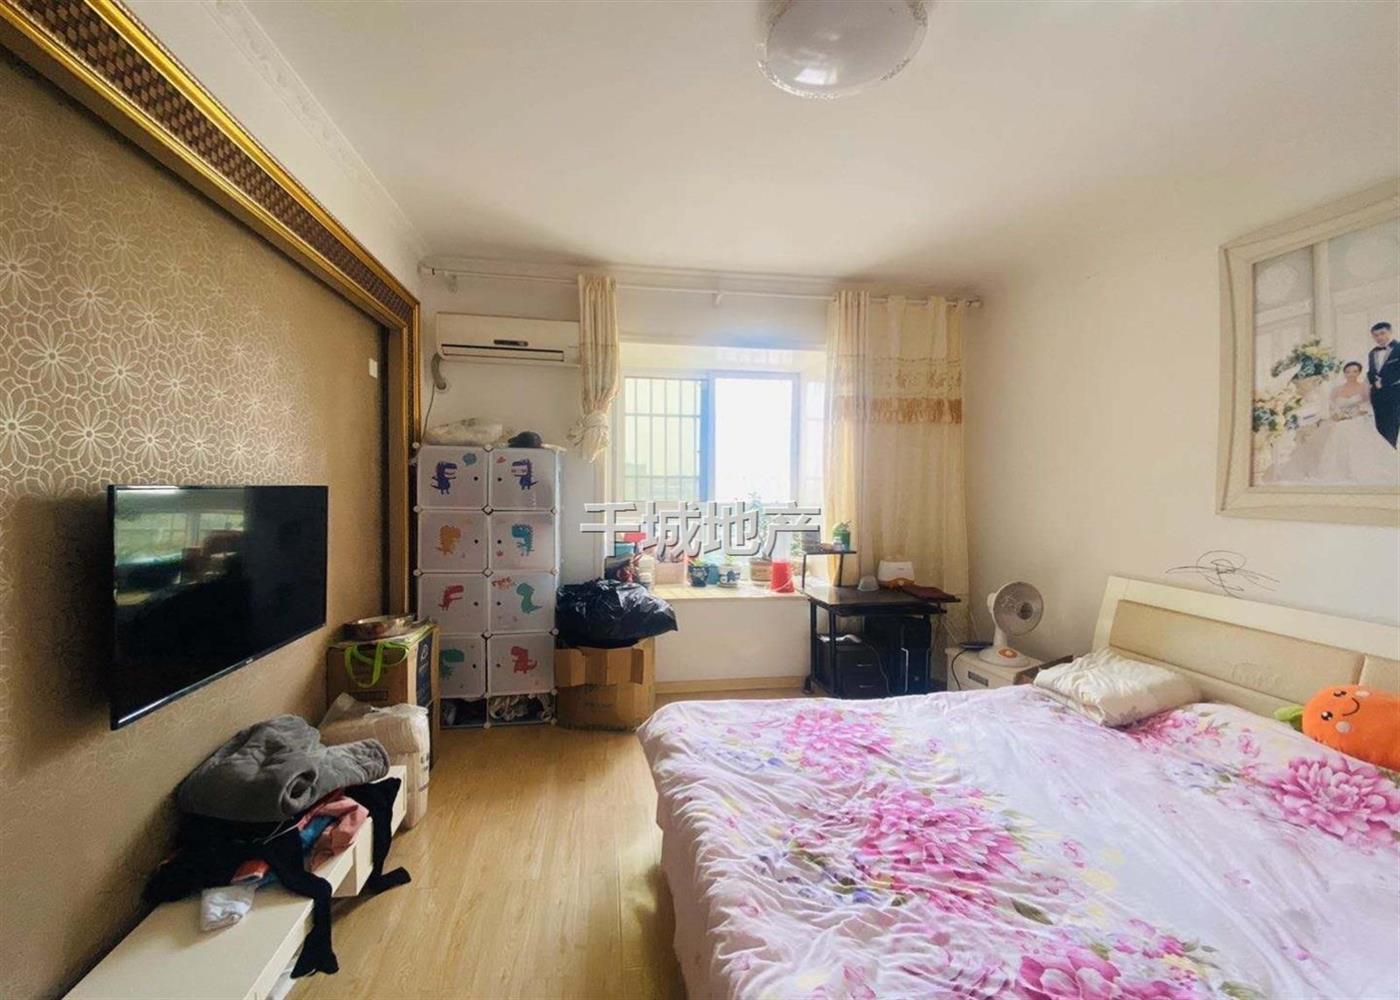 银江花园 南北通透 2室2厅 精装修 居家自住 保养好